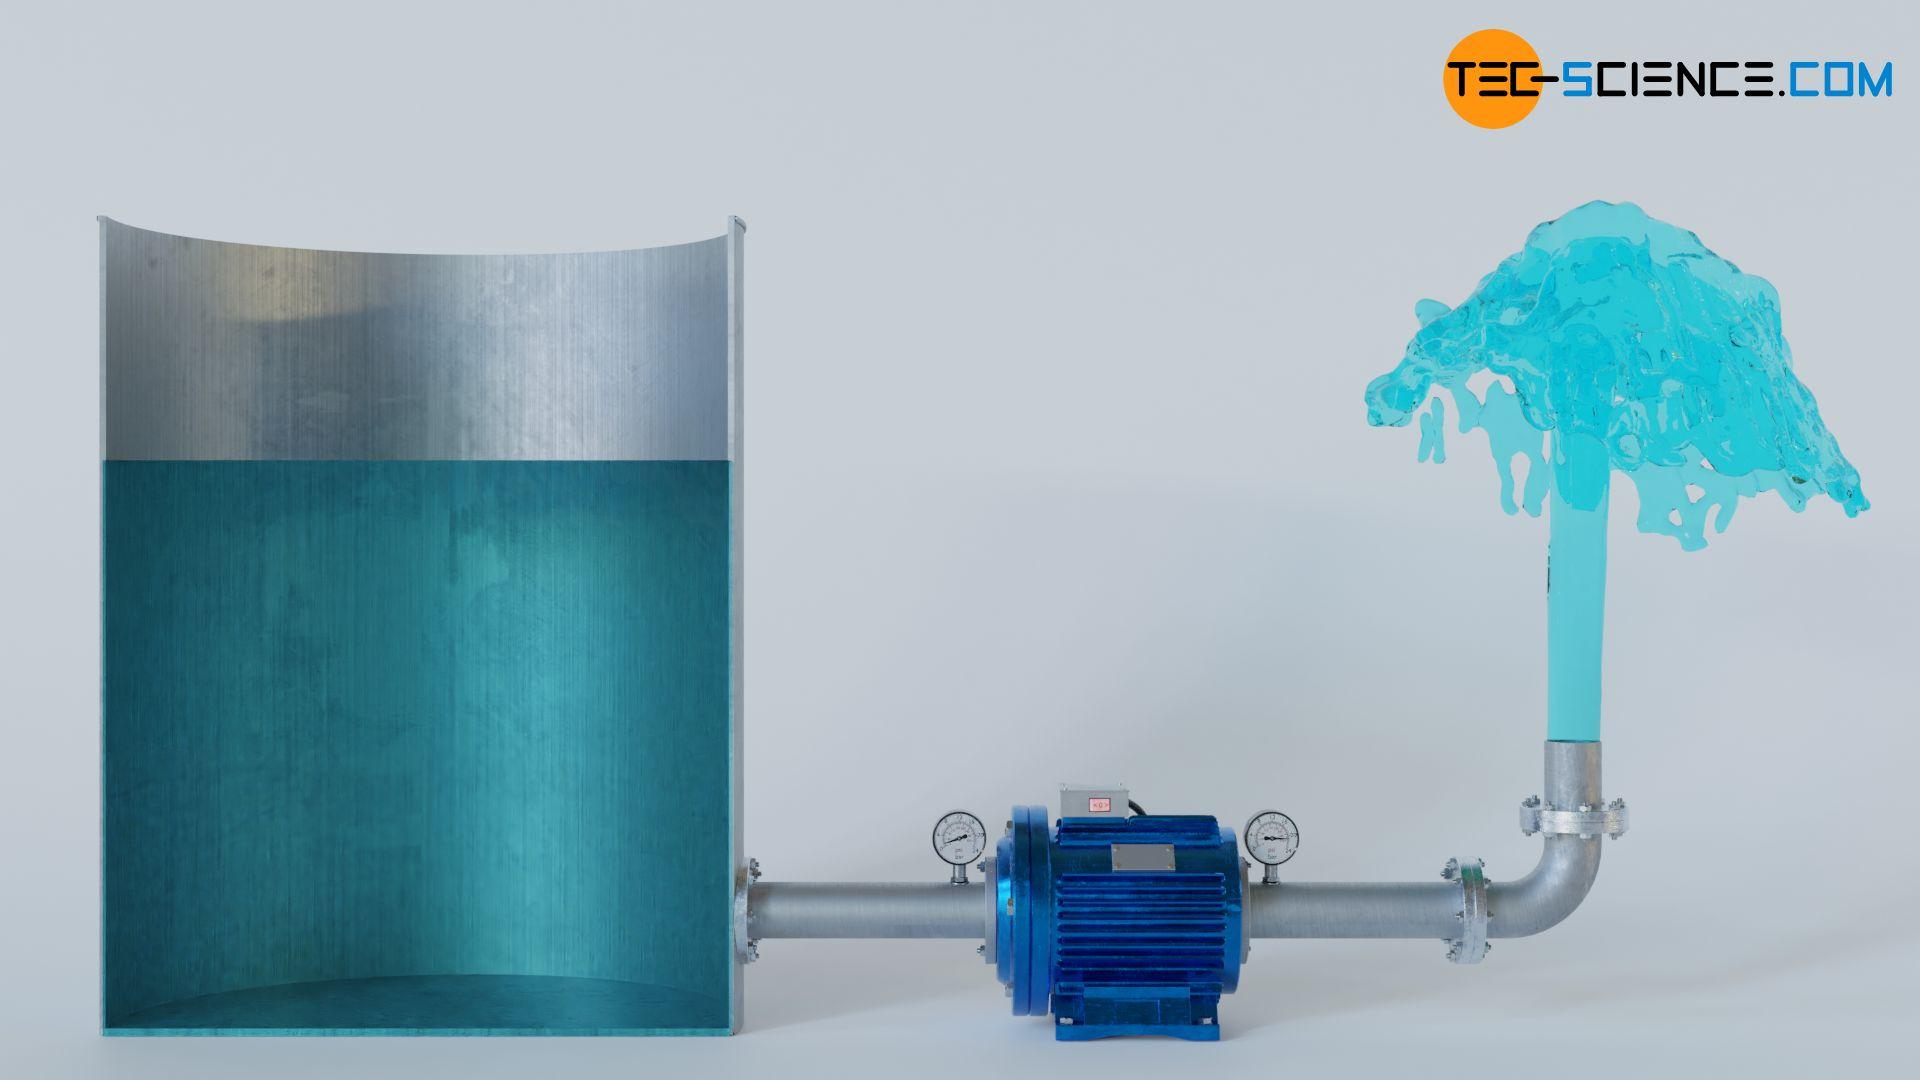 Ausströmen einer Flüssigkeit aus einer Leitung bei laufender Pumpe